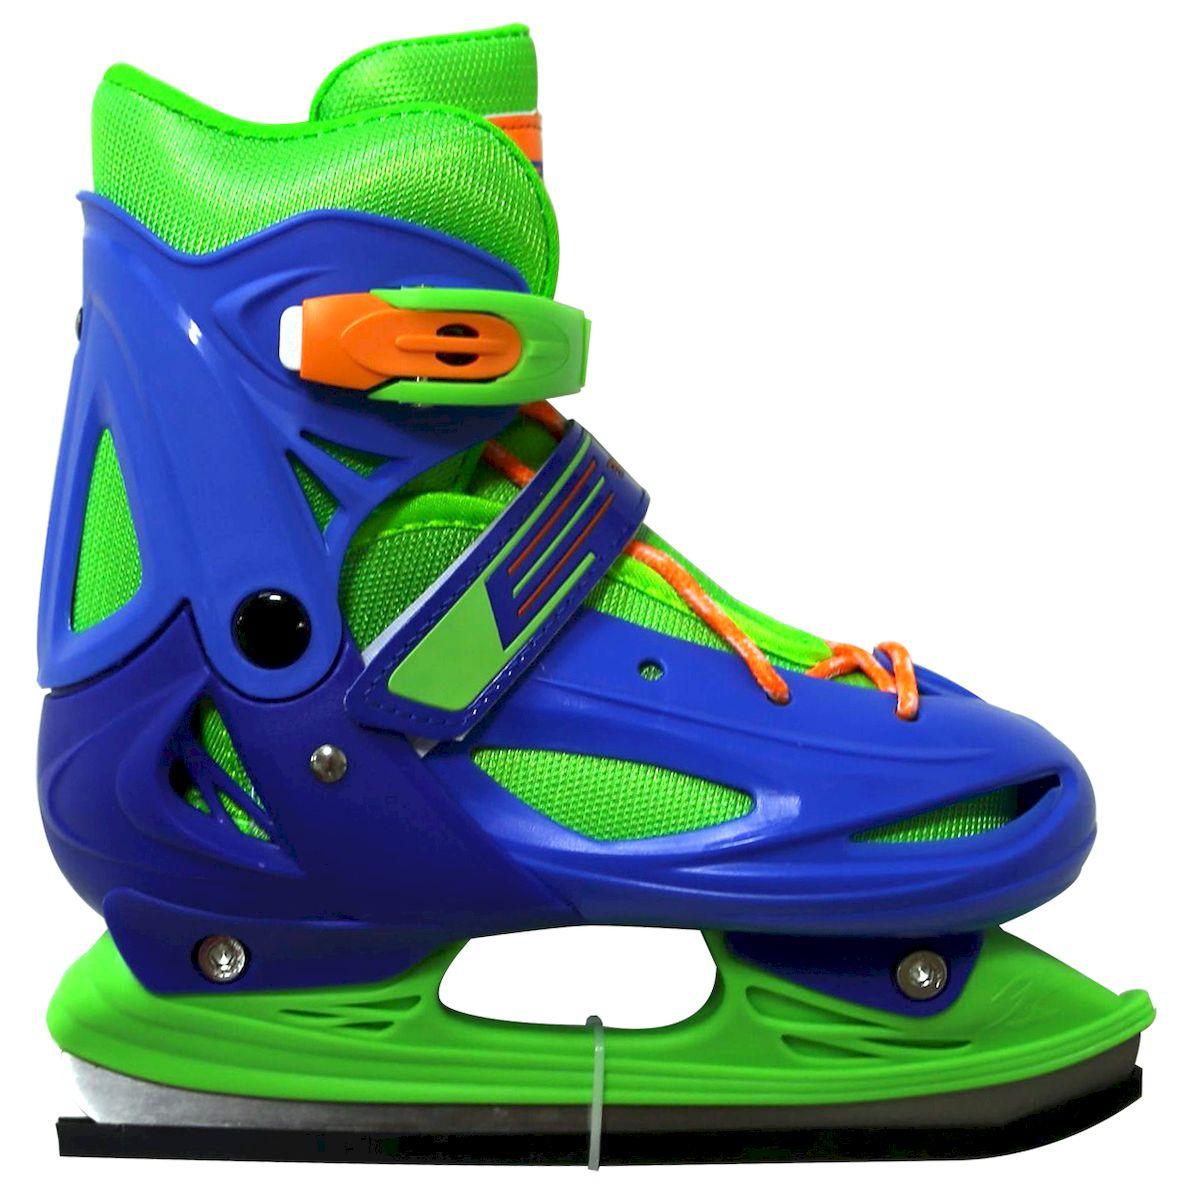 Коньки ледовые Ice Blade Casey, раздвижные, цвет: синий, зеленый, оранжевый. УТ-00009125. Размер S (30/33)SF 010Коньки раздвижные Casey - это классические раздвижные коньки от известного бренда Ice Blade, которые предназначены для детей и подростков, а также для тех, кто делает первые шаги в катании на льду.Ботинок изготовлен из морозоустойчивого пластика. Внутренняя поверхность из мягкого и теплого текстиля обеспечивает комфорт во время движения. Лезвие выполнено из высокоуглеродистой стали с покрытием из никеля. Пластиковая клипса с фиксатором, хлястик на липучке и шнуровка надежно фиксируют голеностоп. Конструкция коньков позволяет быстро и точно изменять их размер. Яркий молодежный дизайн, теплый внутренний сапожок, удобная трехуровневая система фиксации ноги, легкая смена размера, надежная защита пятки и носка - все это бесспорные преимущества модели. Коньки поставляются с заводской заточкой лезвия, что позволяет сразу приступить к катанию и не тратить денег на заточку. Предназначены для использования на открытом и закрытом льду.